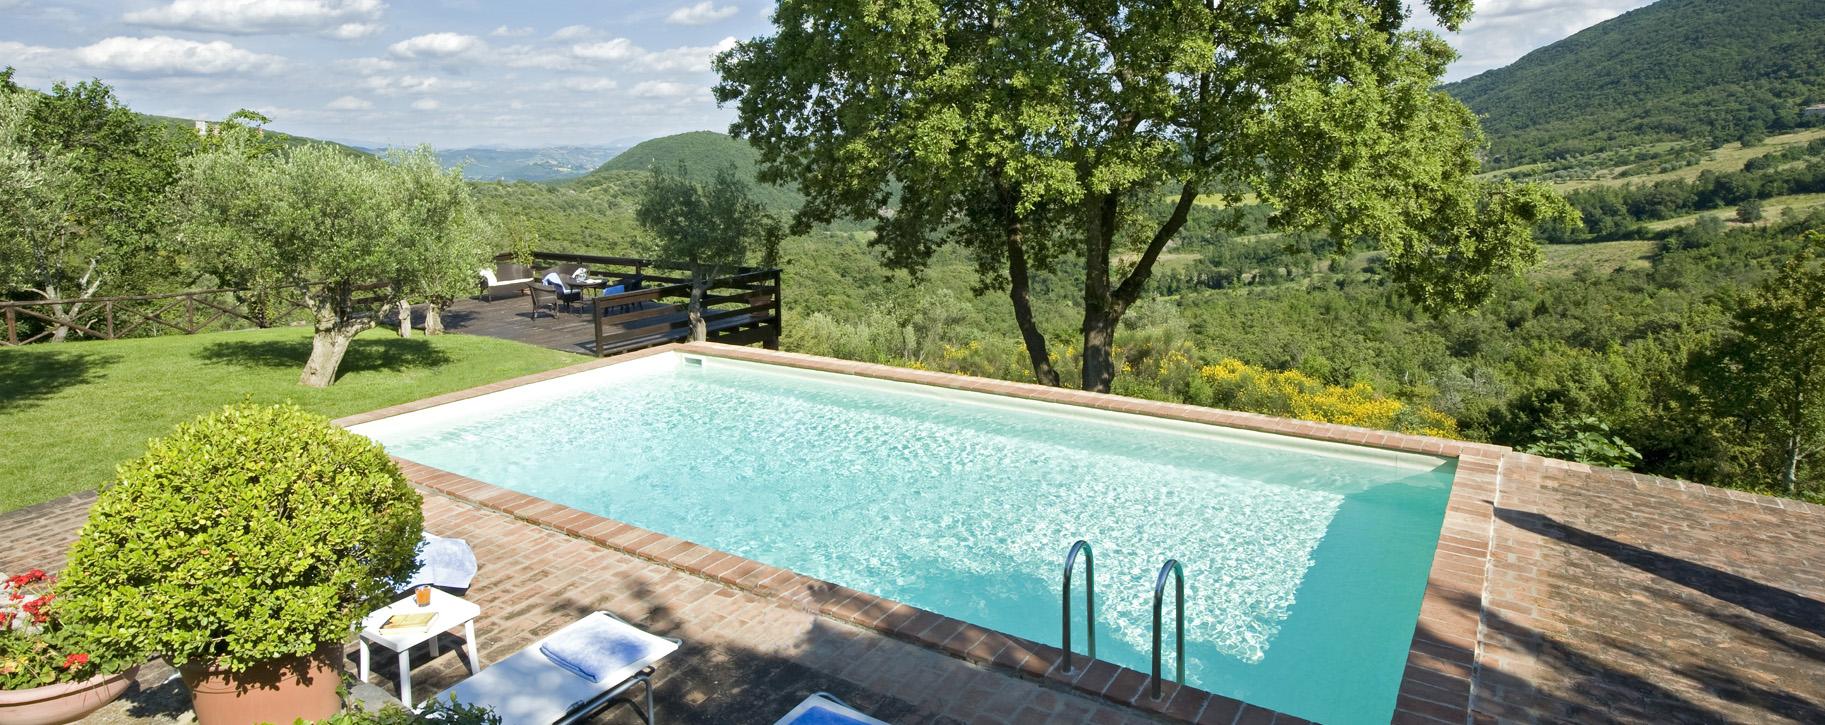 Location villas et maisons de charme en italie avec for Location maison piscine italie